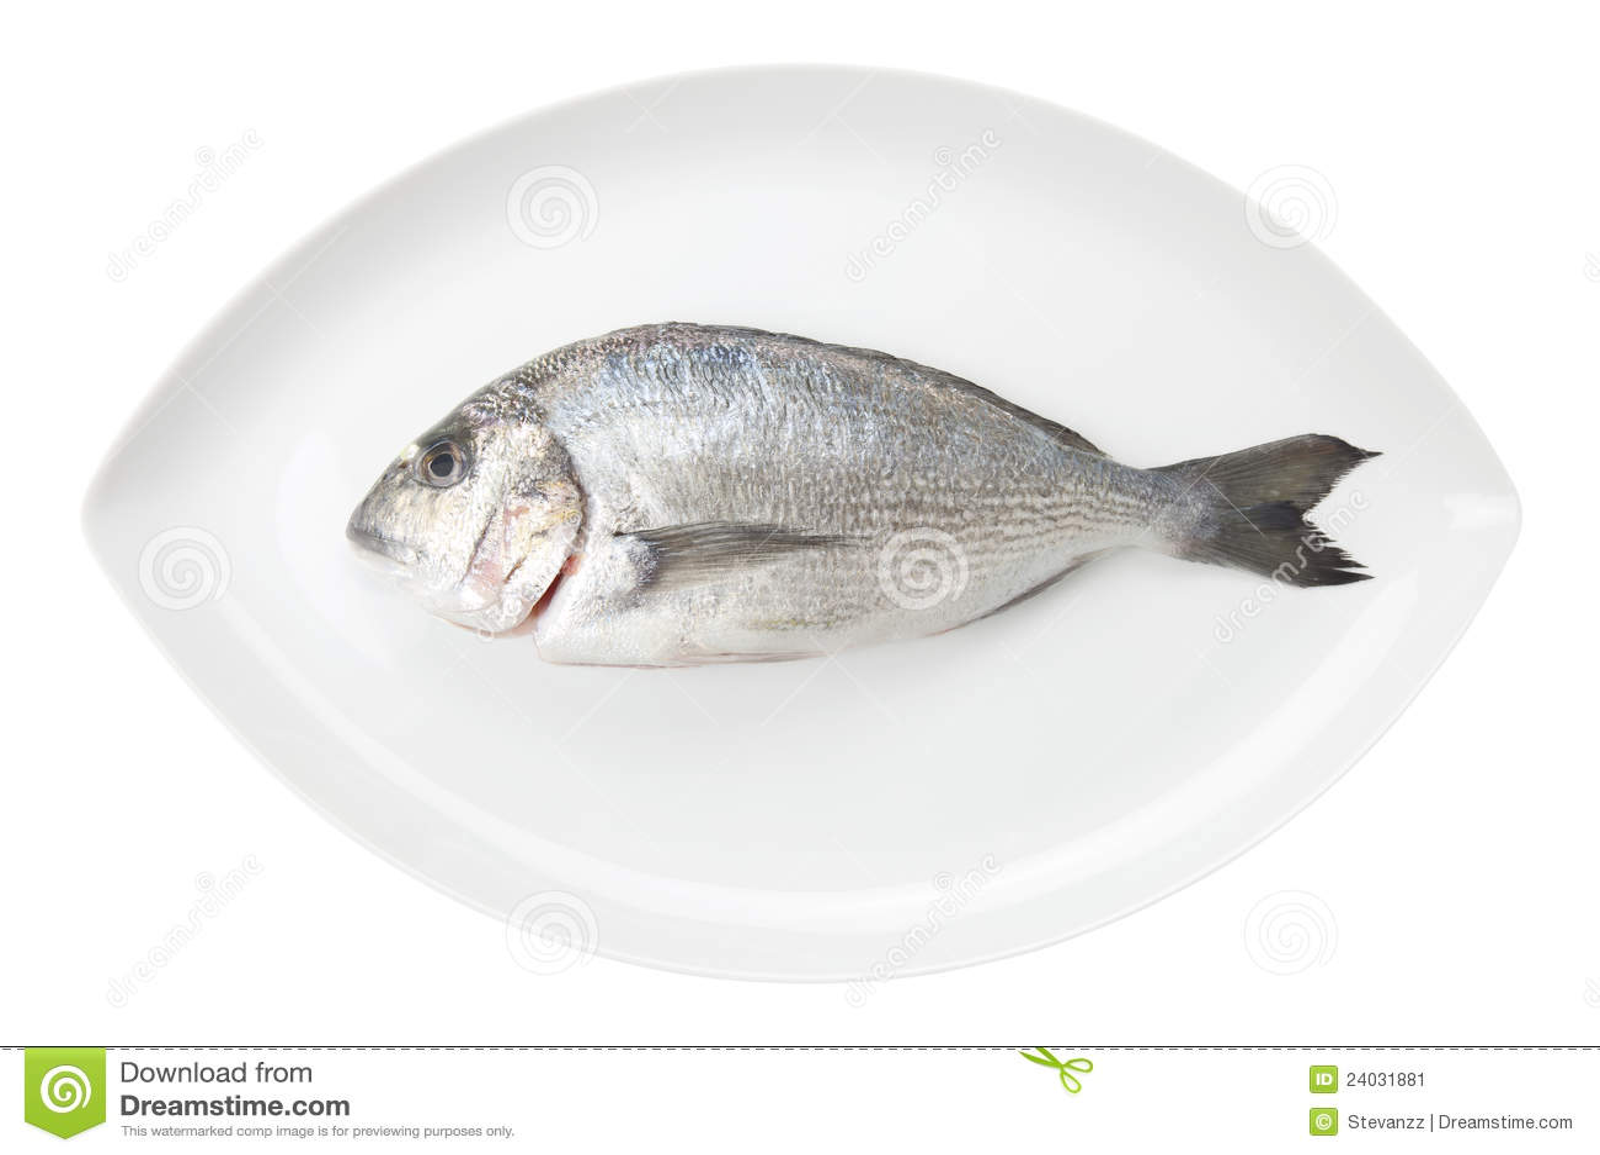 White för fisk för breammaträttdorada oval havs-